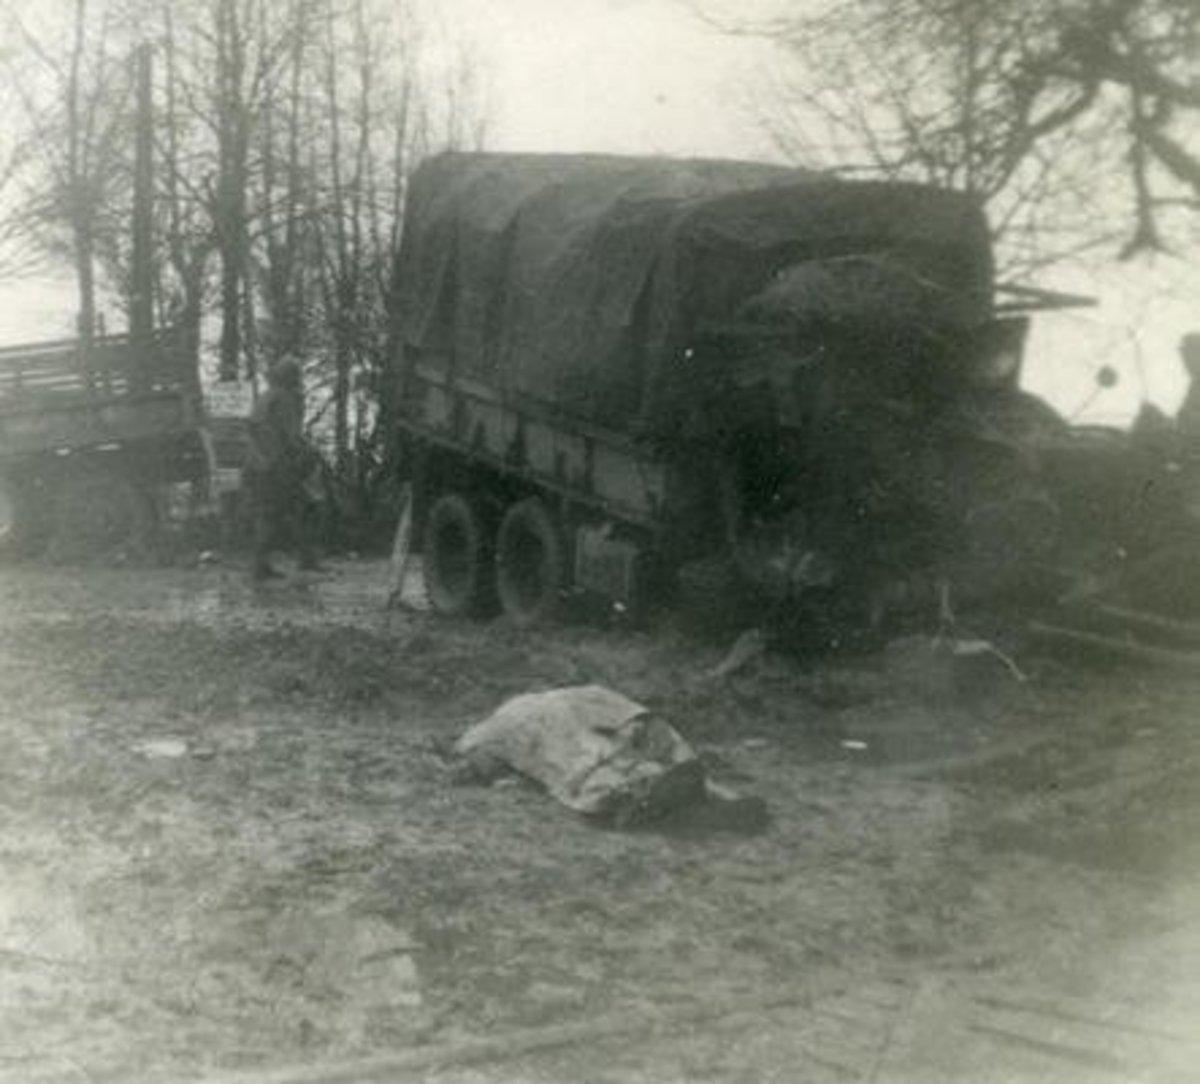 No matter what your job, it was dangerous - Artillery battalion mess sergeant lies dead after a German barrage, April 1945.